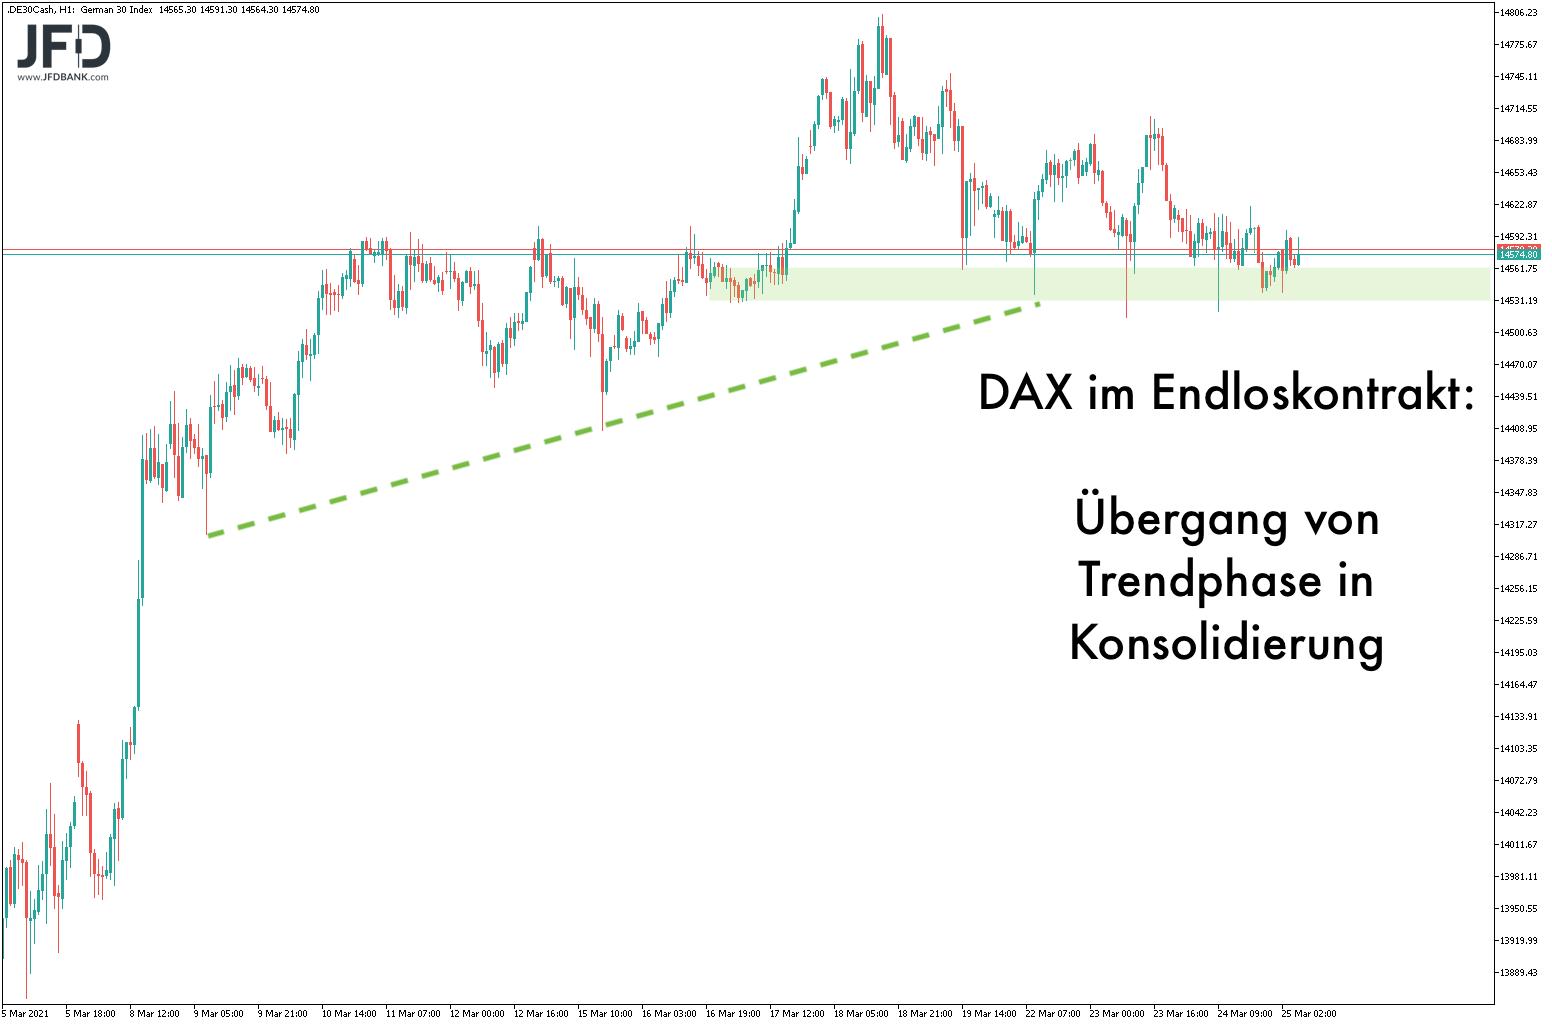 Phasenwechsel im DAX